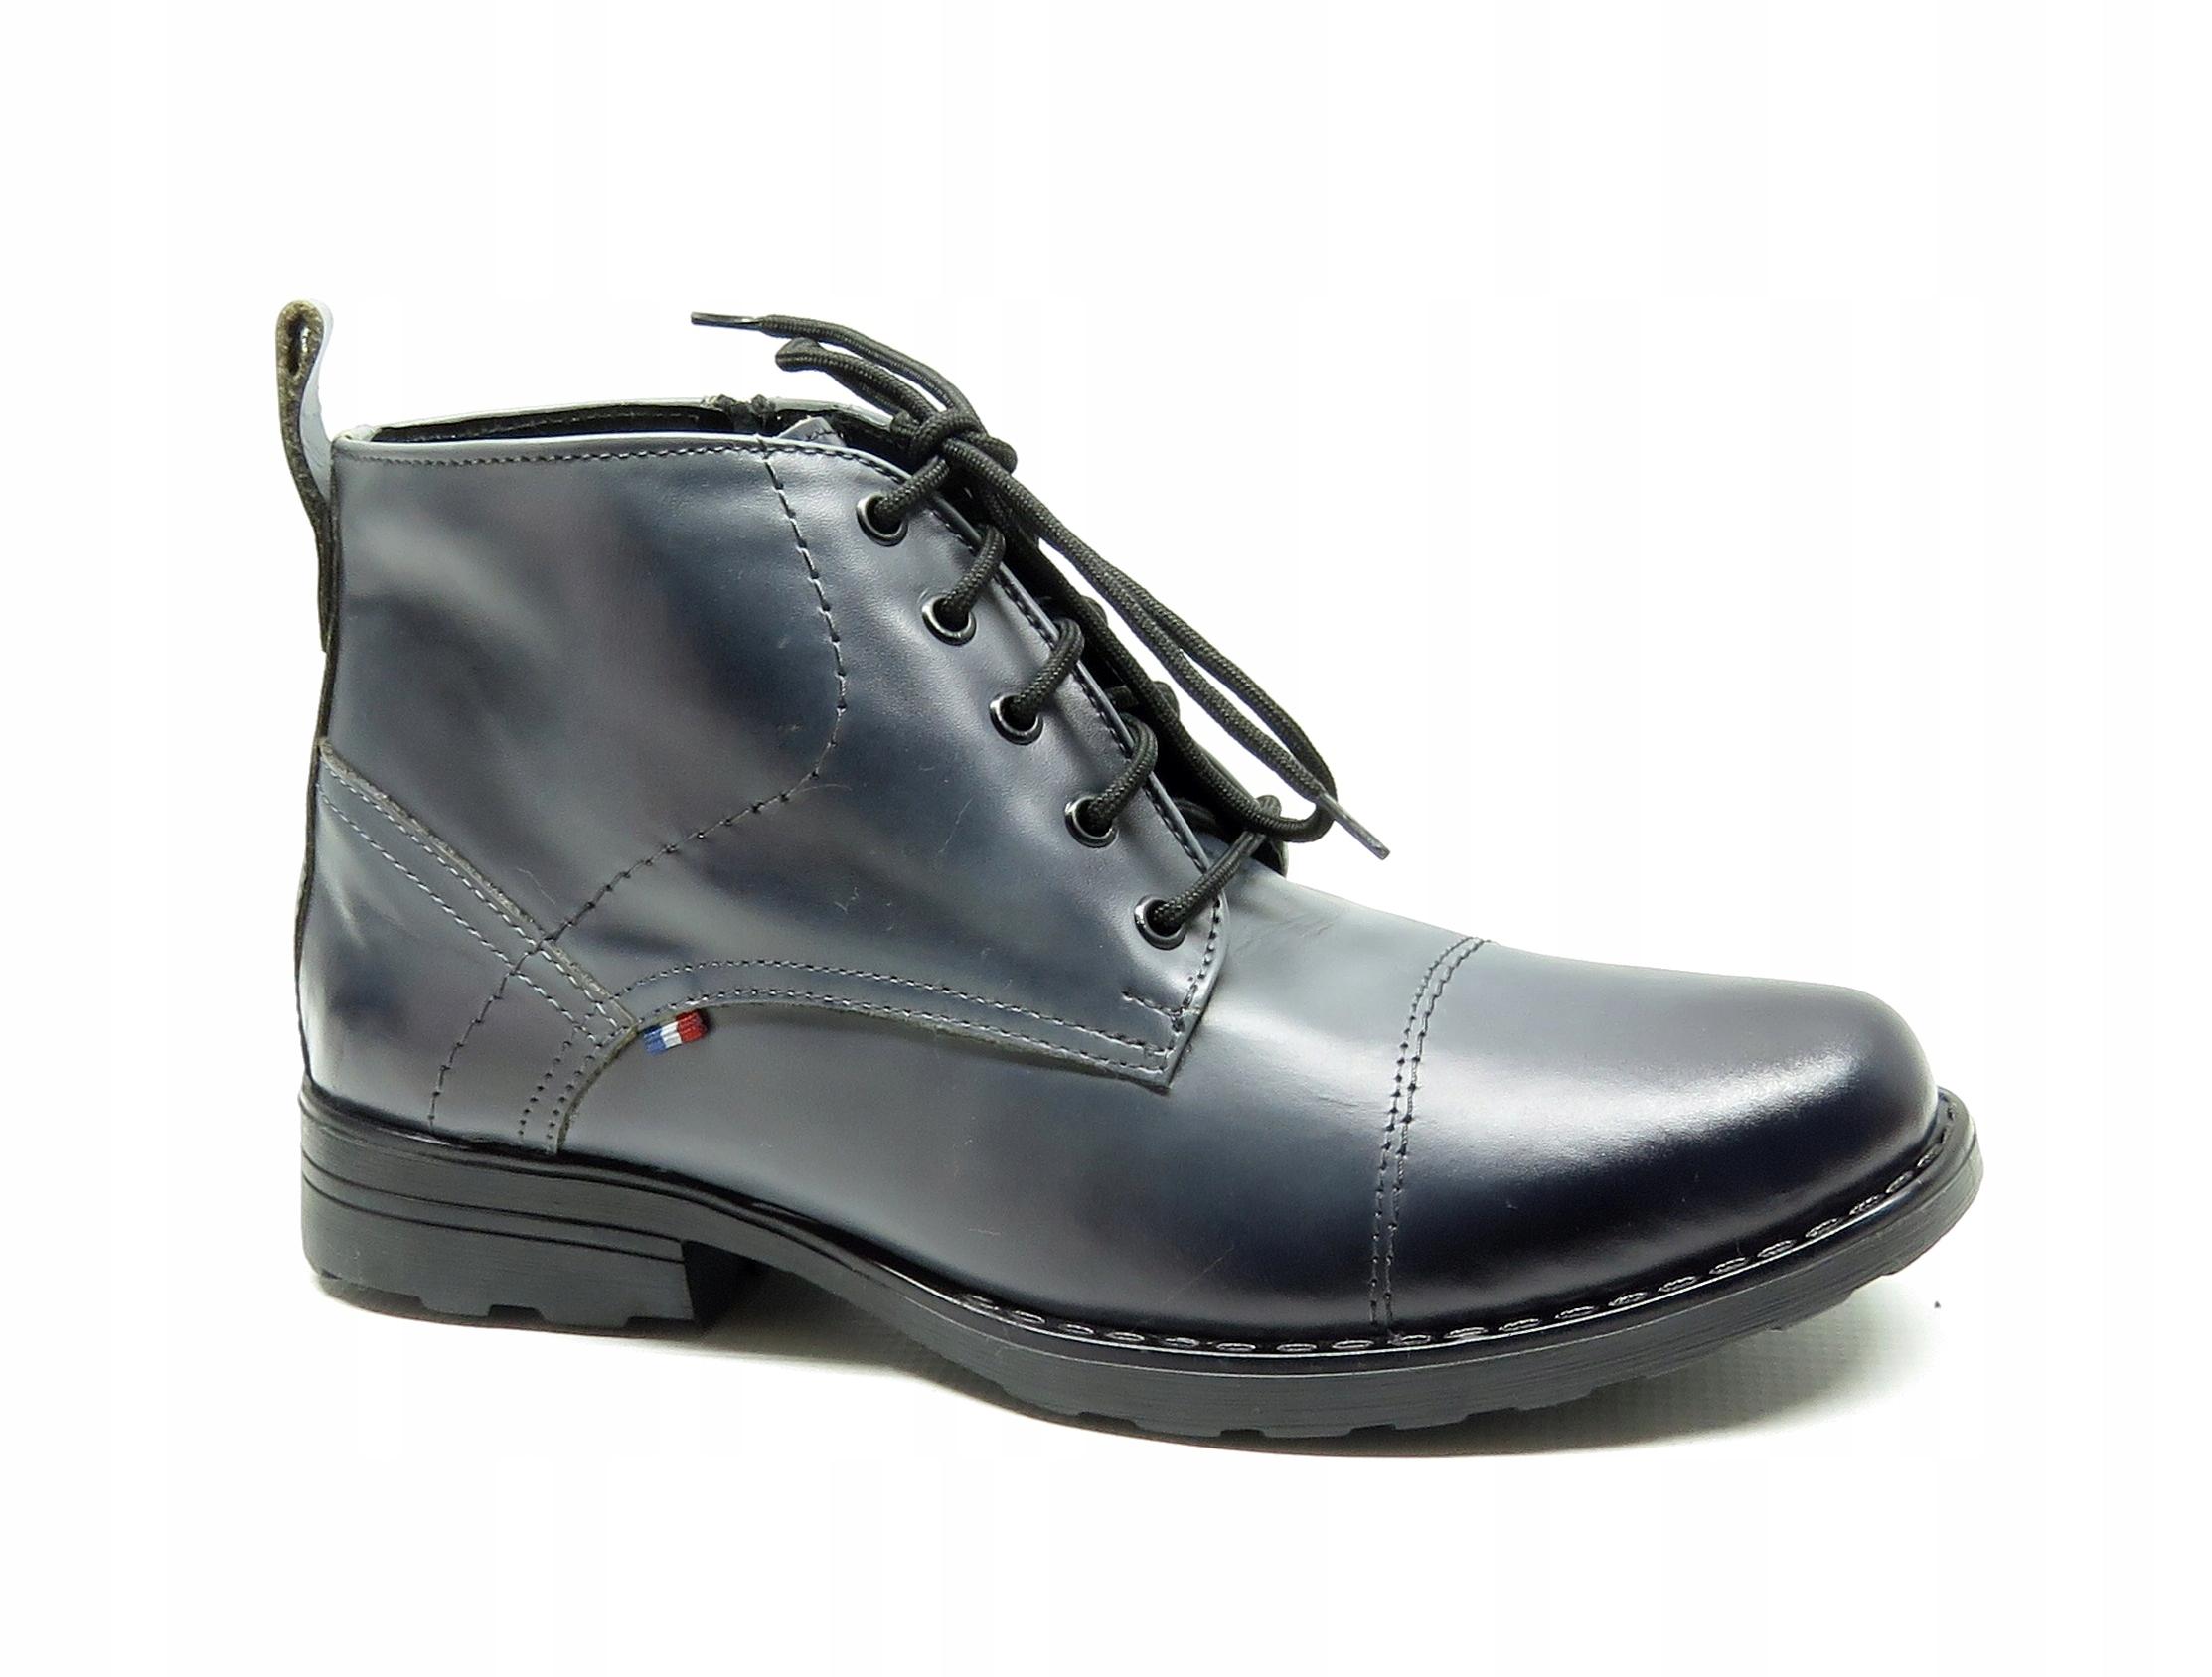 3016 szare workery POLSKIE obuwie skóra 40